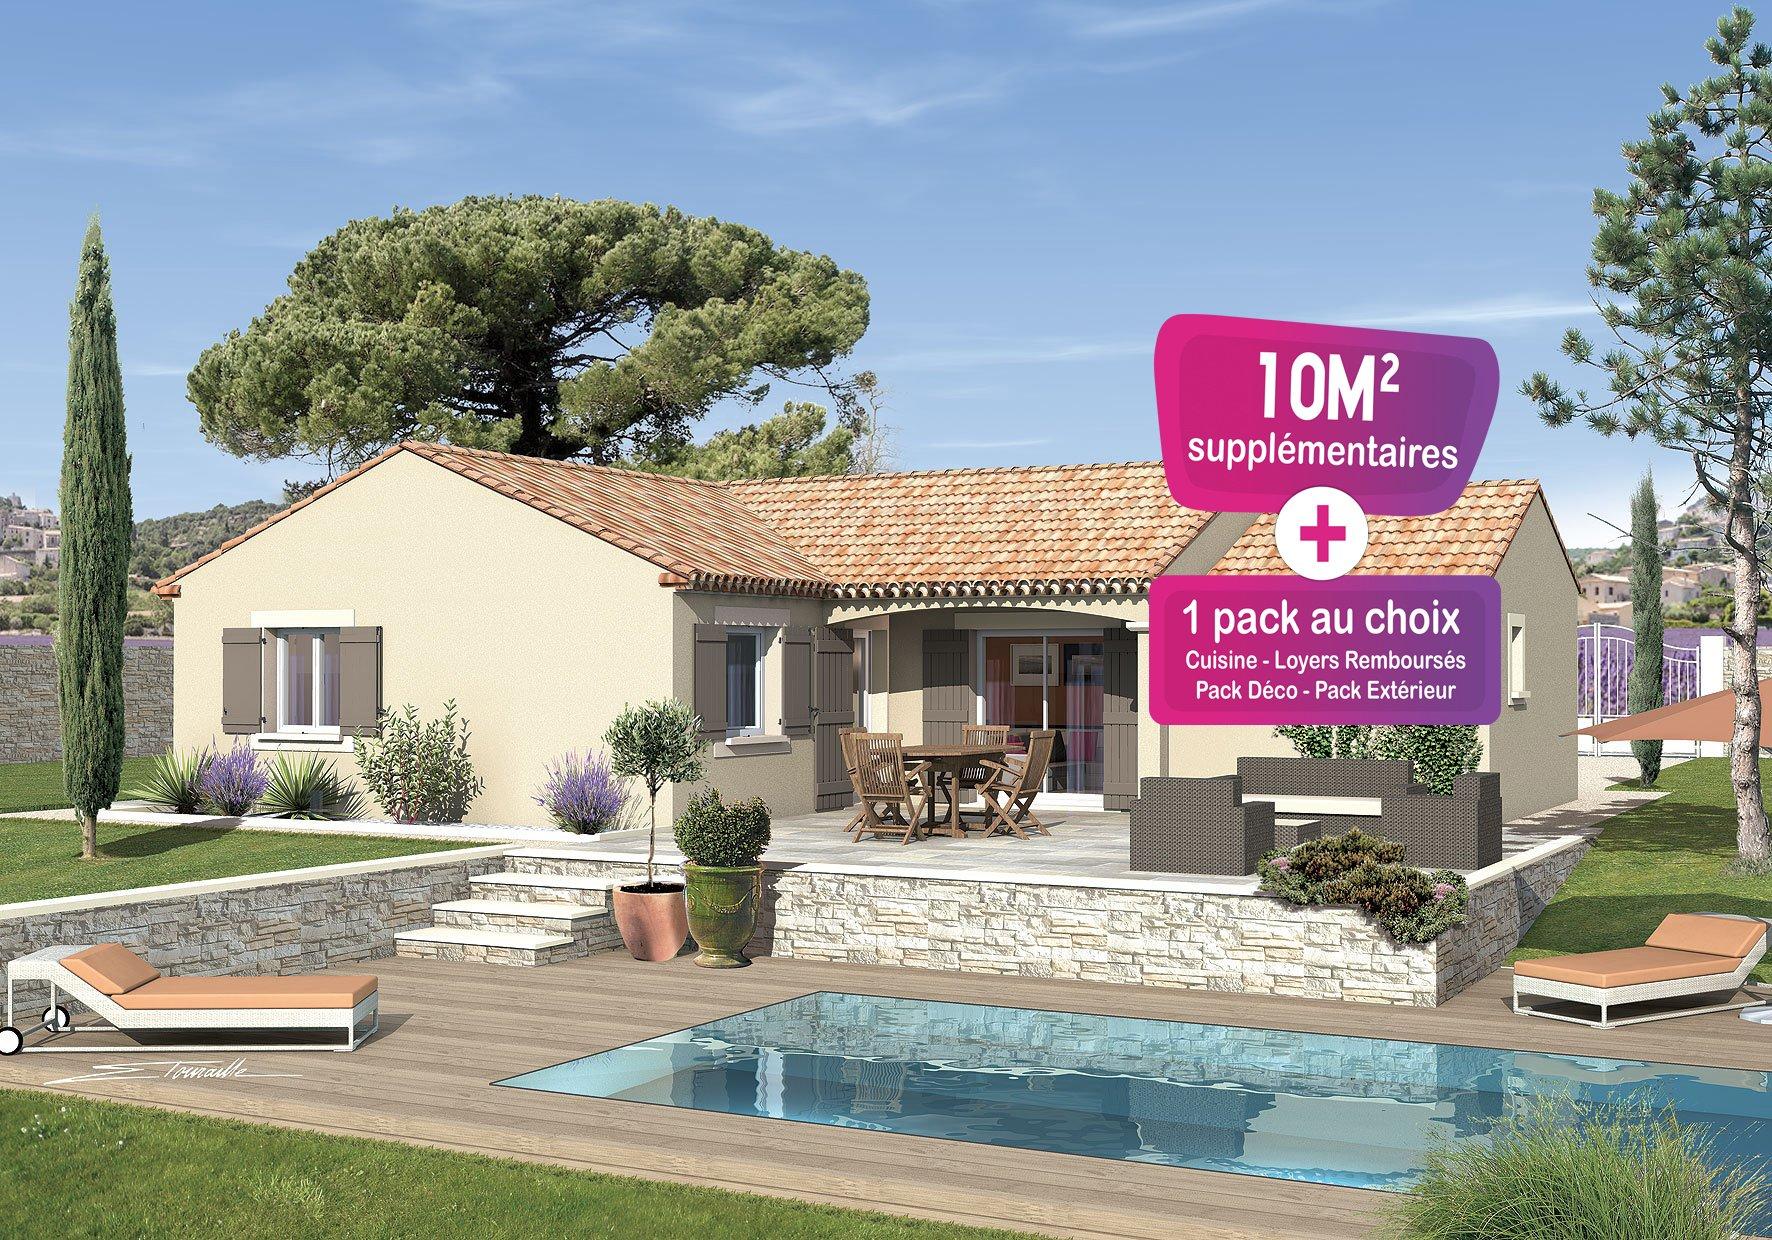 Maisons + Terrains du constructeur MAISONS PUNCH • 83 m² • LAUDUN